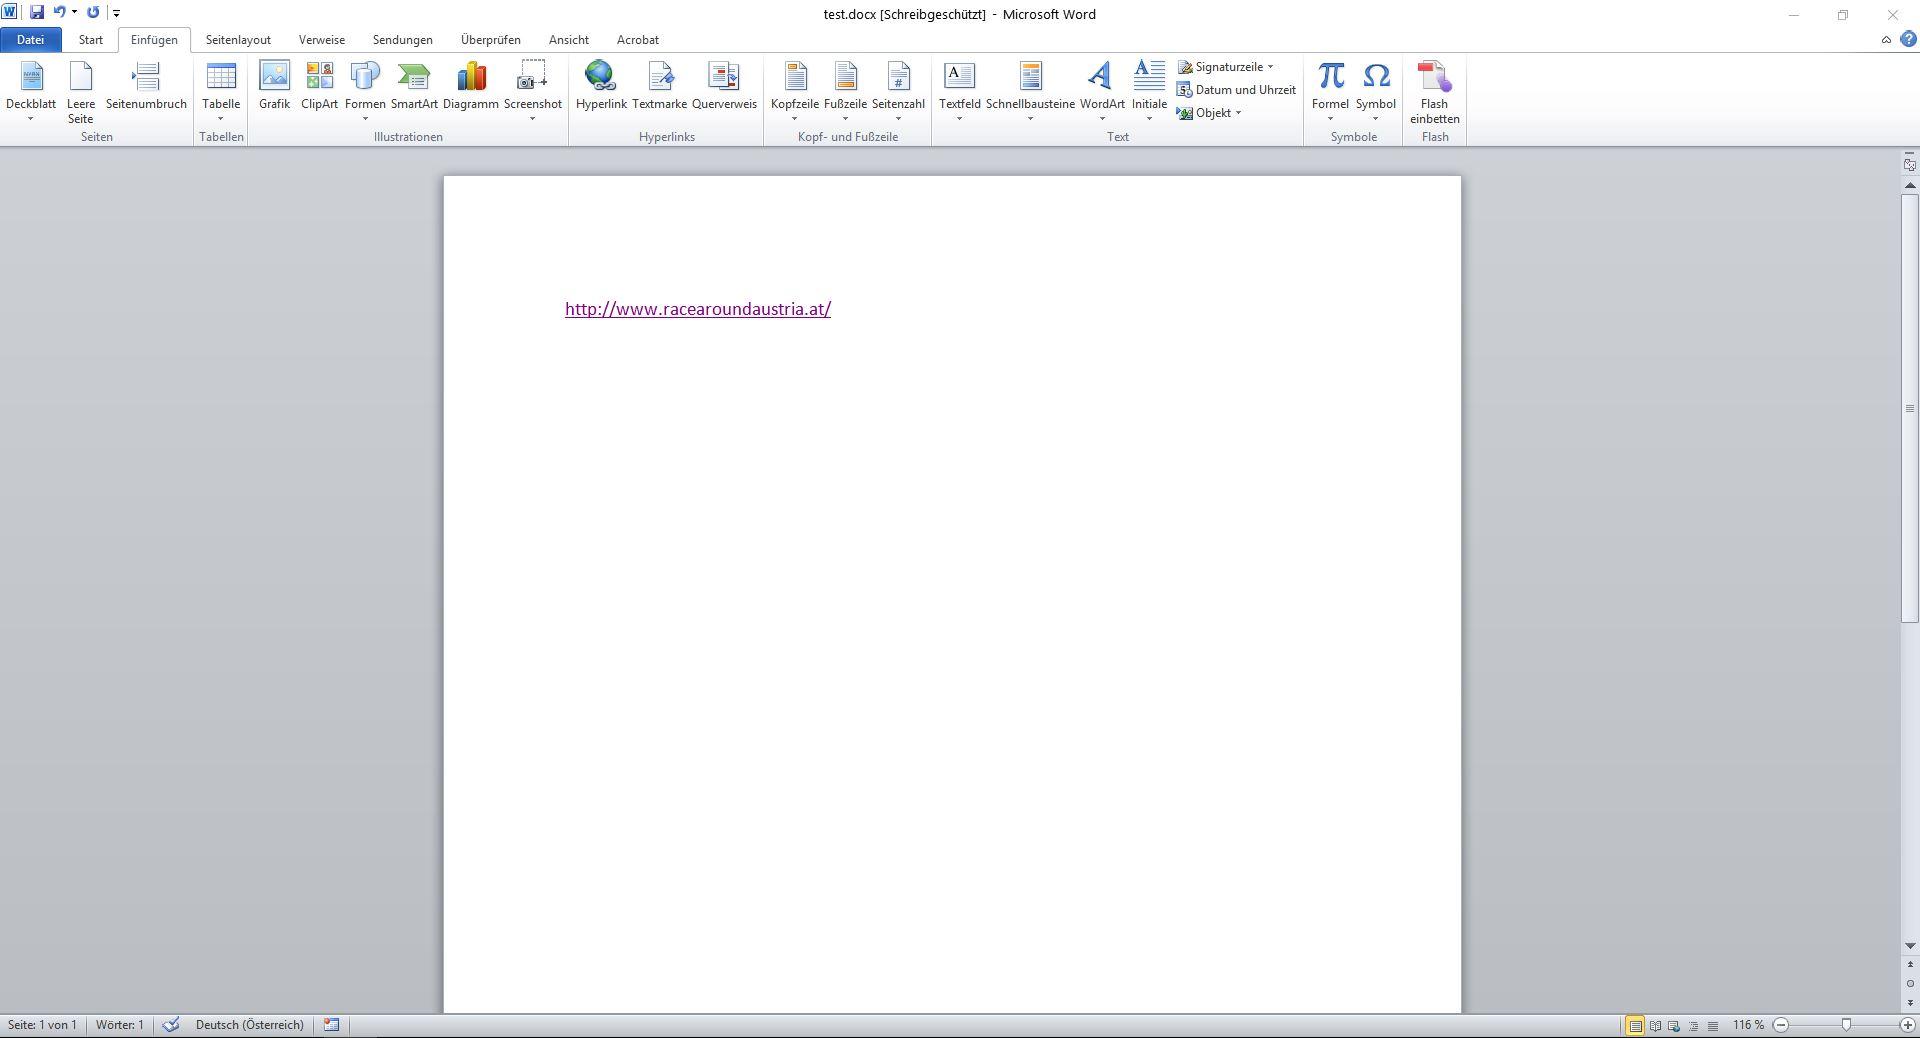 Tolle Microsoft Word Mietvertrag Bilder - Bilder für das Lebenslauf ...